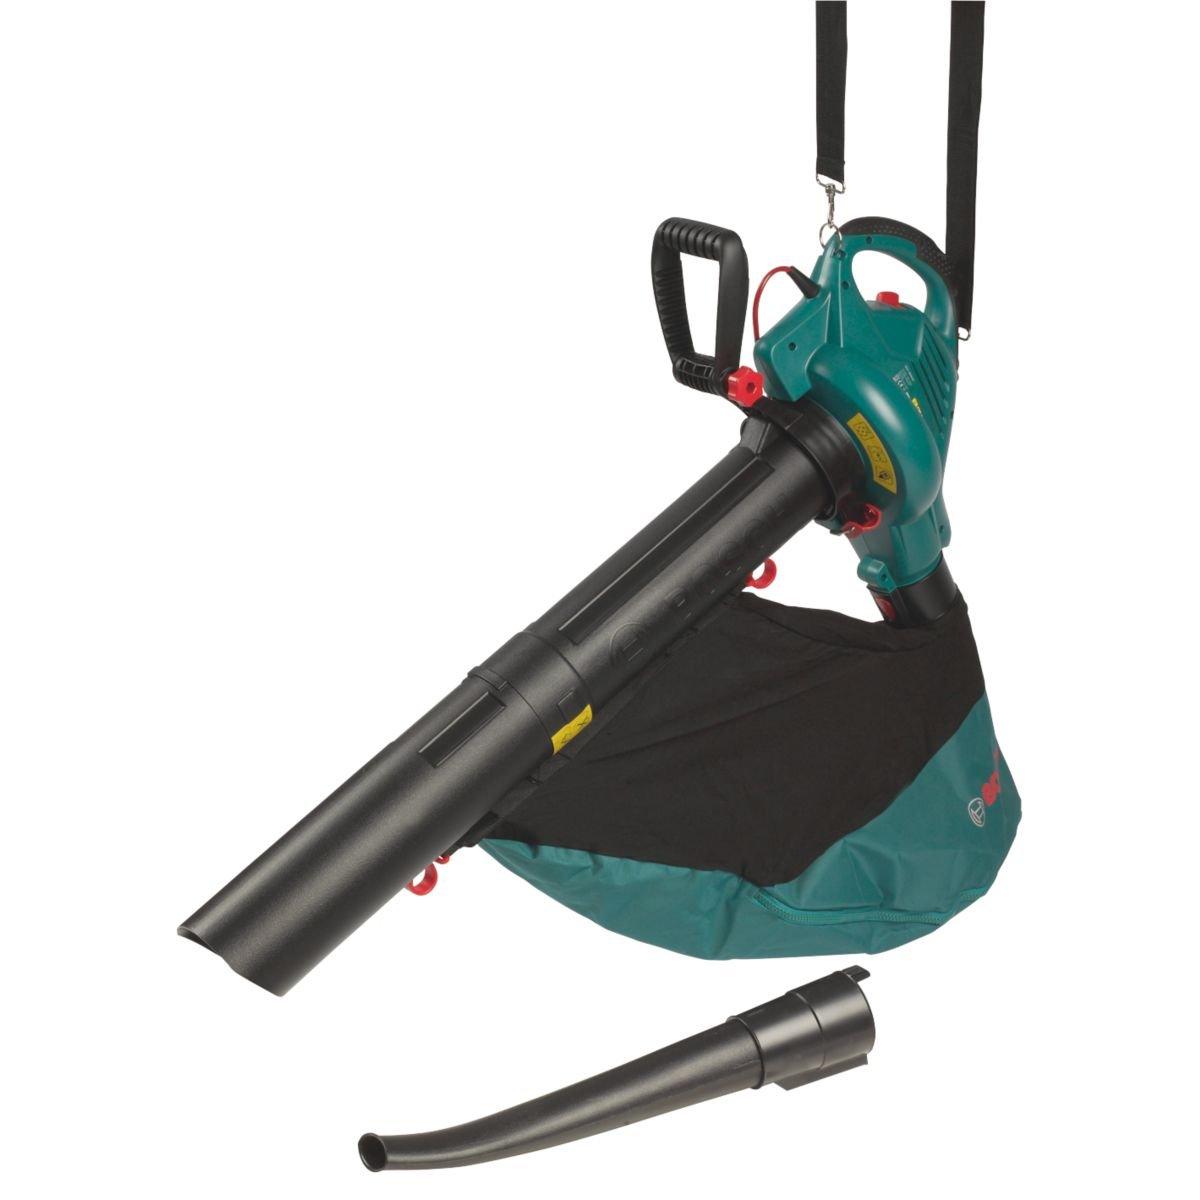 Bosch ALS 2500 2500W 240V Electric Garden Blower & Vacuum [Energy Class A]